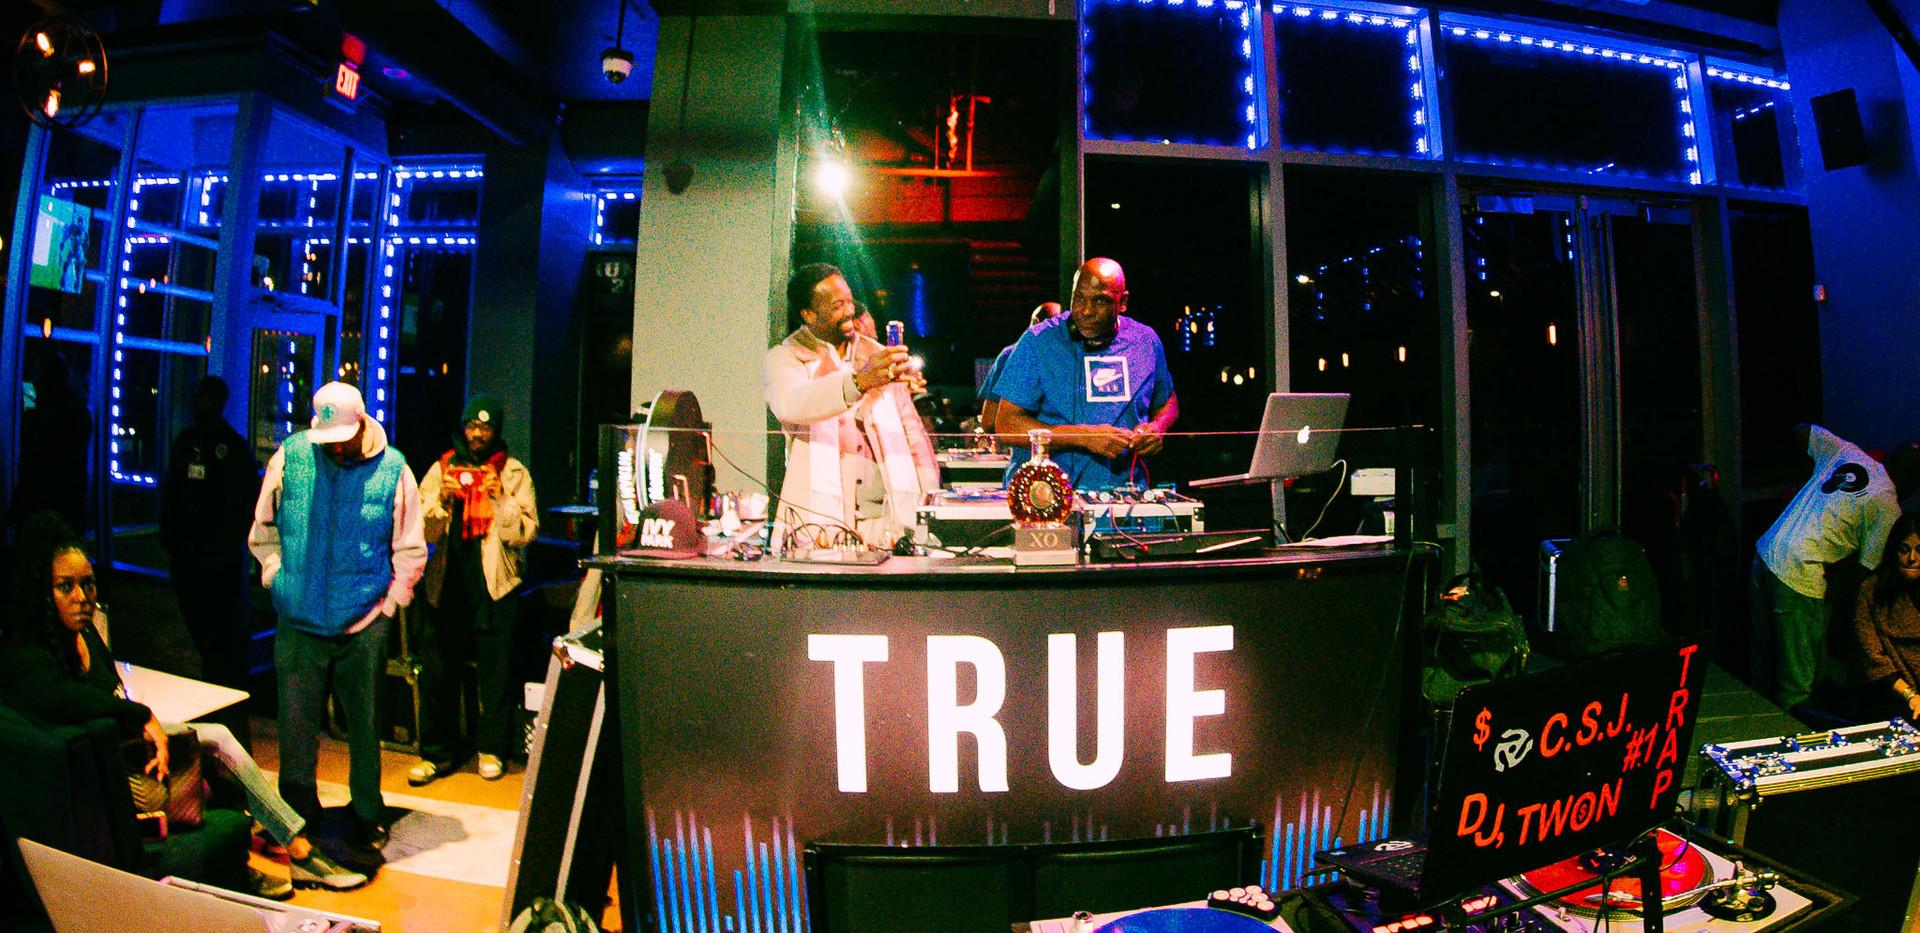 DJ+Blend+Battle+%40++True+%2848+of+247%2